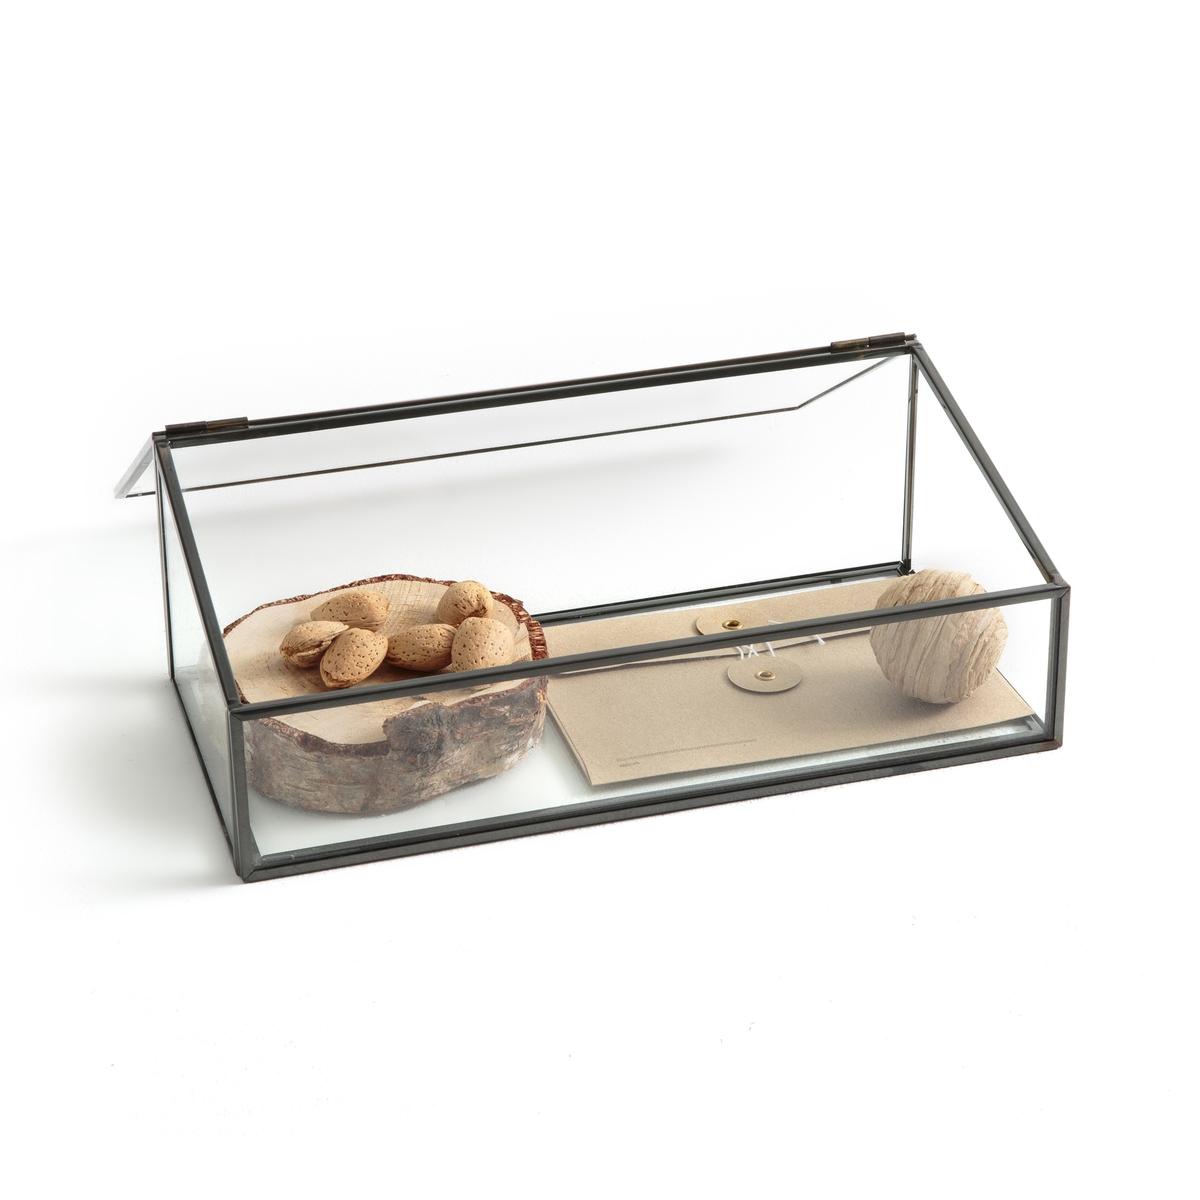 Коробка-витрина, Ш30 x В12 x Г15 см, Digori